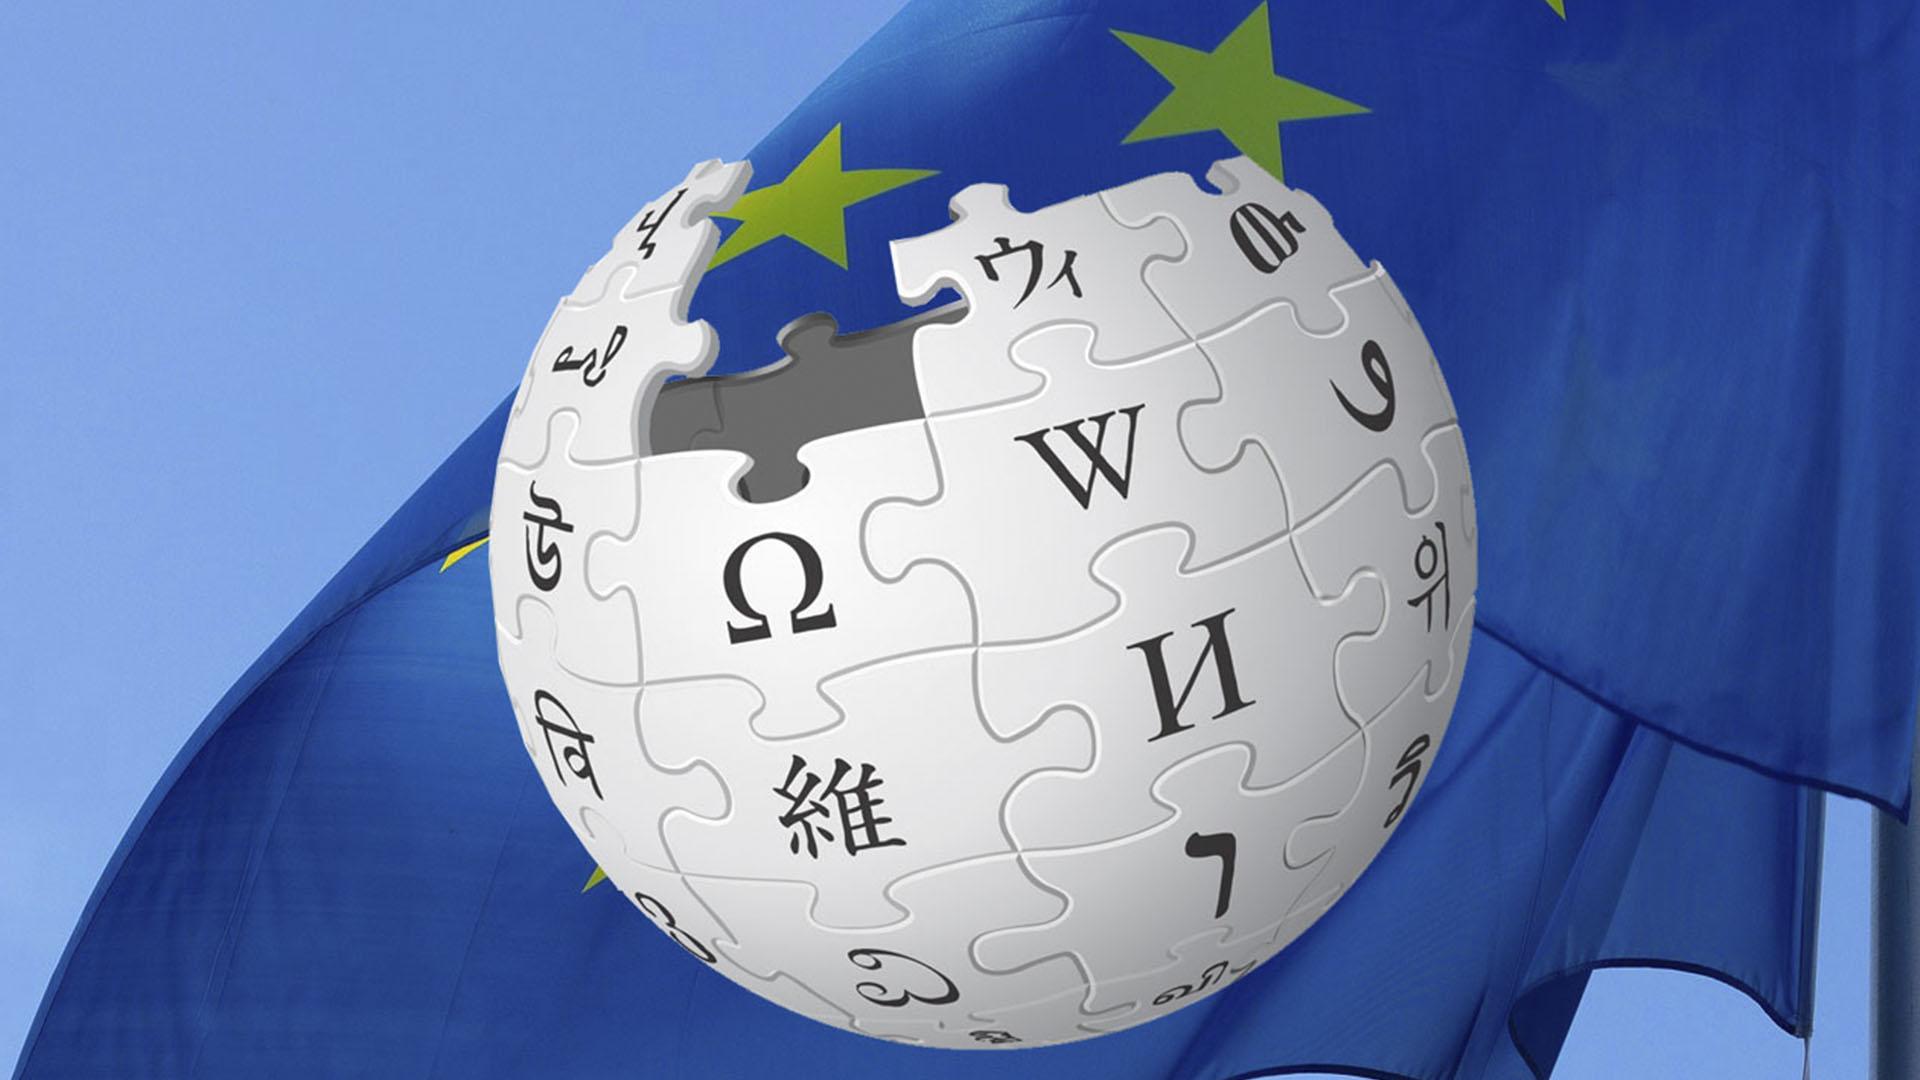 Los wikis han servido para la creacion de enciclopedias colectivas, como Wikipedia.